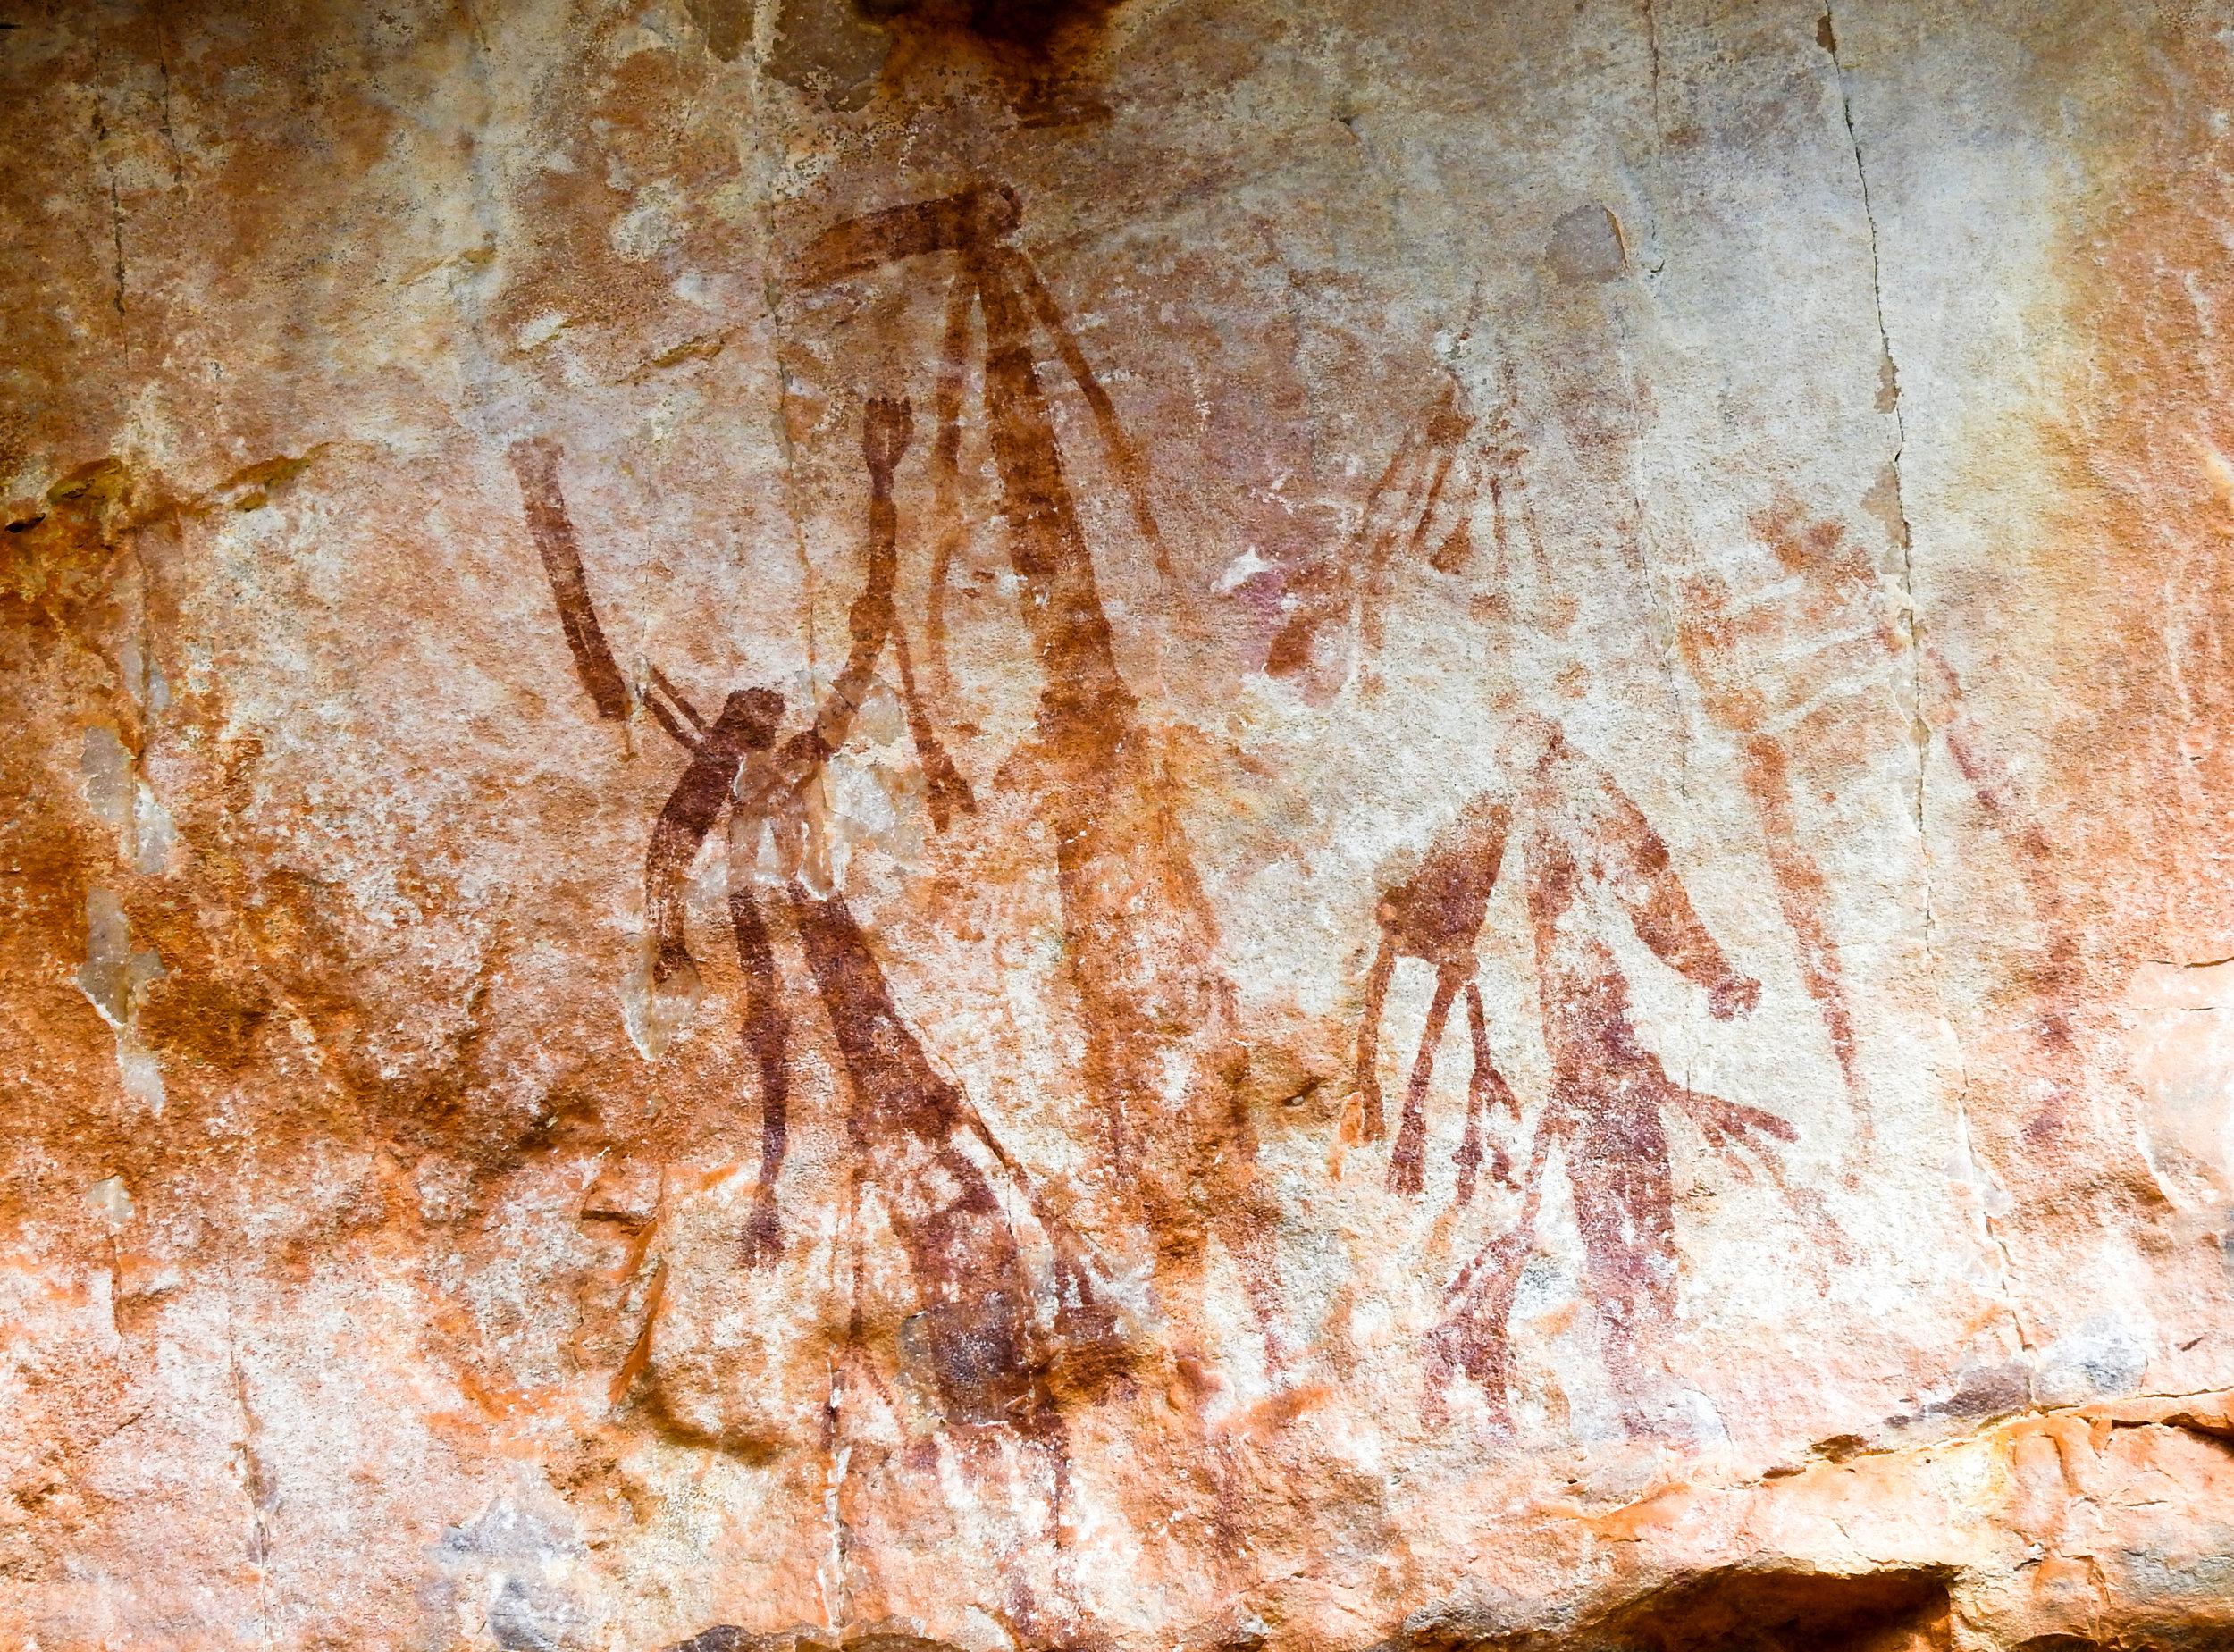 Bradshaw rock art painting at Manning Gorge